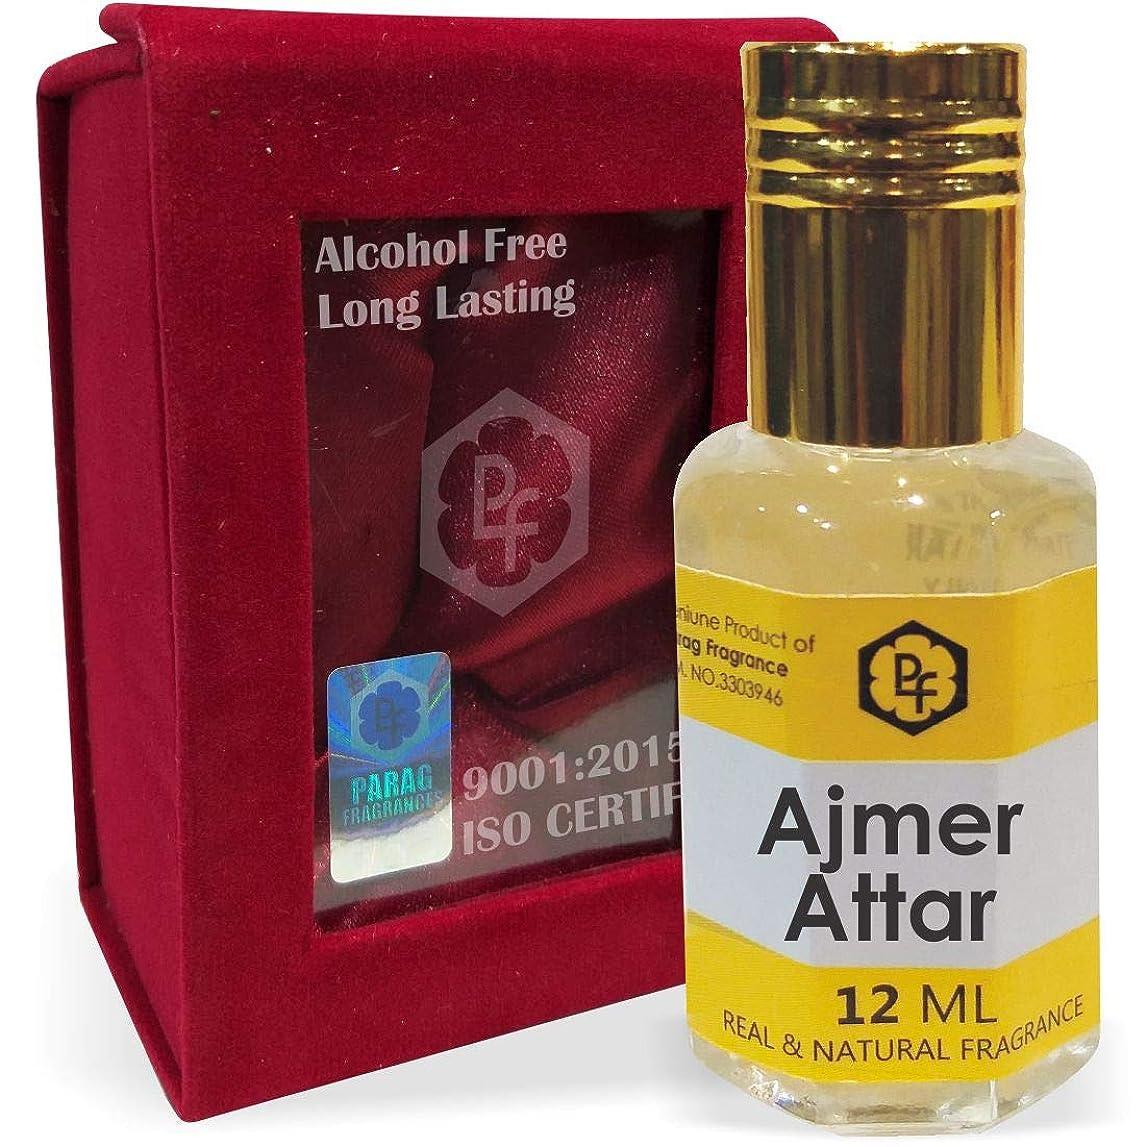 電気の不良品振幅Paragフレグランスアジメール手作りベルベットボックスアター12ミリリットルアター/香水(インドの伝統的なBhapka処理方法により、インド製)オイル/フレグランスオイル|長持ちアターITRA最高の品質